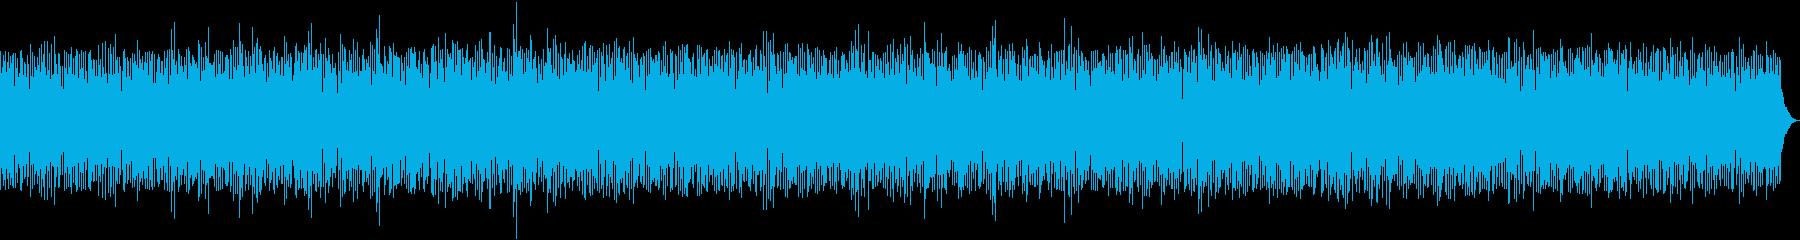 爽やか・ピアノ・企業VP・プレゼンの再生済みの波形